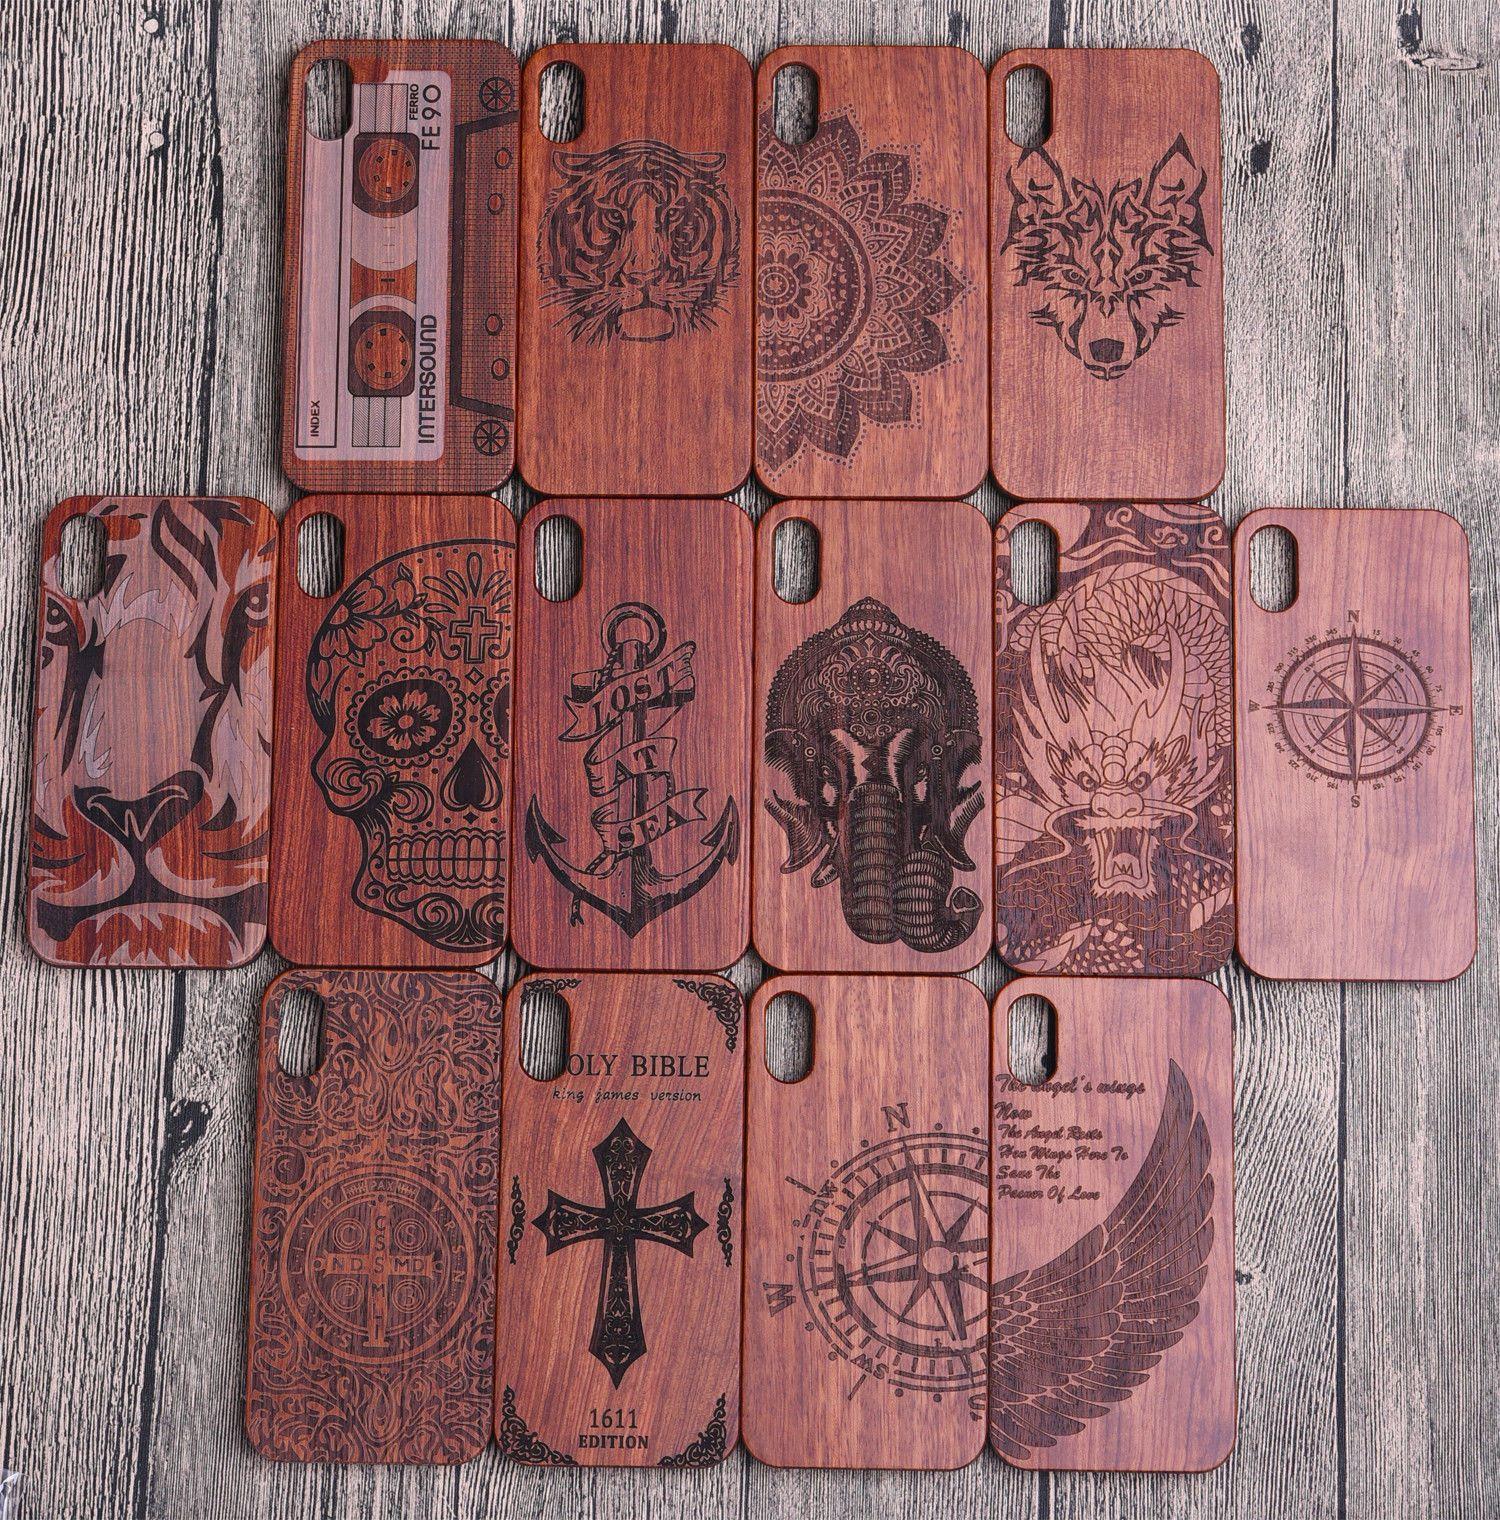 Cajas hechas a mano del teléfono del grabado de madera para Iphone 10 X 7 8 6 6s Plus Cajas protectoras de madera respetuosas del medio ambiente del teléfono móvil de Samsung de la cubierta parachoques para Samsung S9 S8